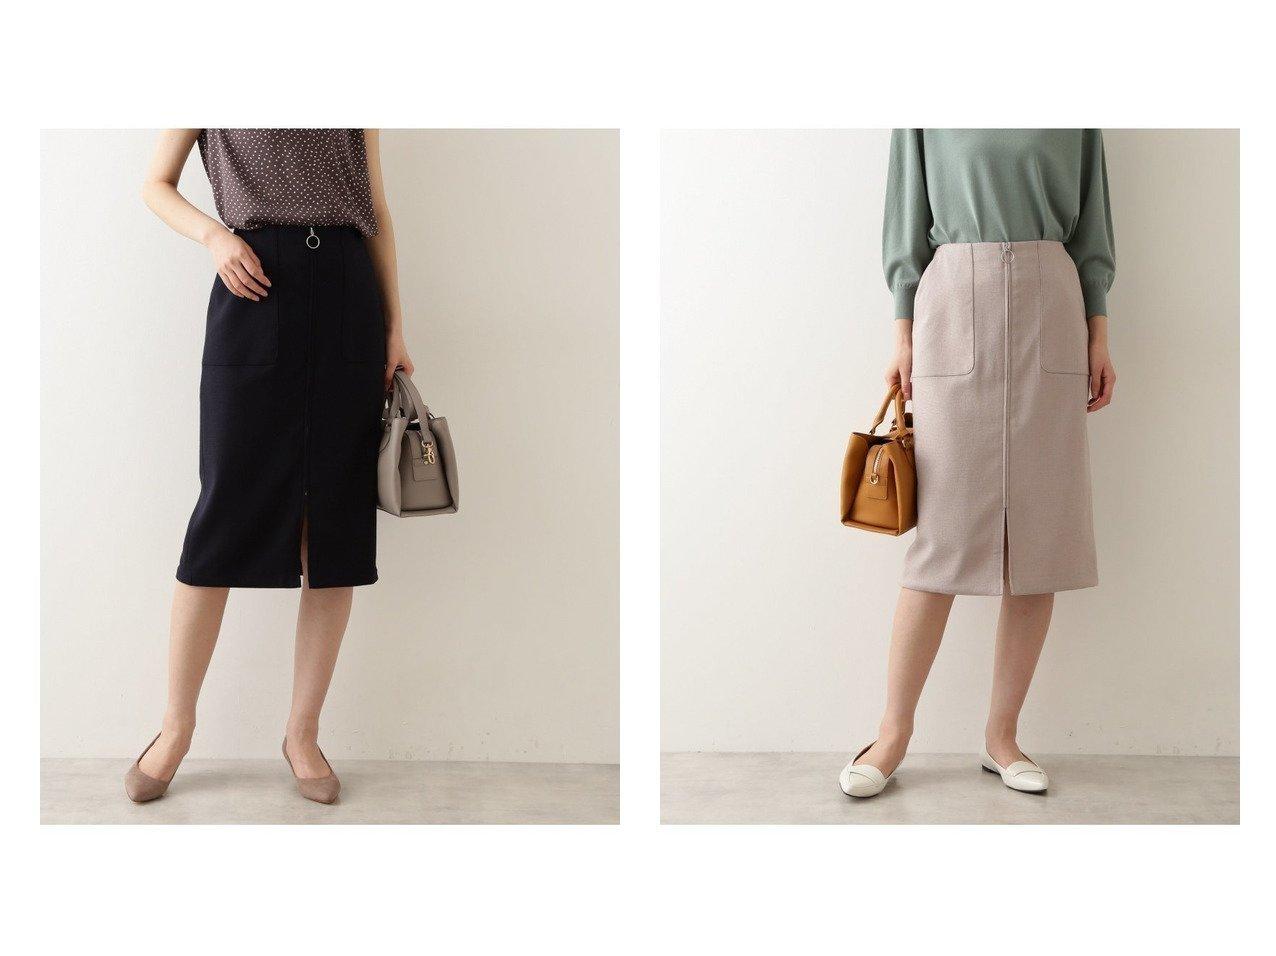 【NATURAL BEAUTY BASIC/ナチュラル ビューティー ベーシック】の洗える リネンライクナロースカート 【スカート】おすすめ!人気、トレンド・レディースファッションの通販   おすすめで人気の流行・トレンド、ファッションの通販商品 インテリア・家具・メンズファッション・キッズファッション・レディースファッション・服の通販 founy(ファニー) https://founy.com/ ファッション Fashion レディースファッション WOMEN スカート Skirt シンプル フロント ポケット リネン 洗える  ID:crp329100000065924